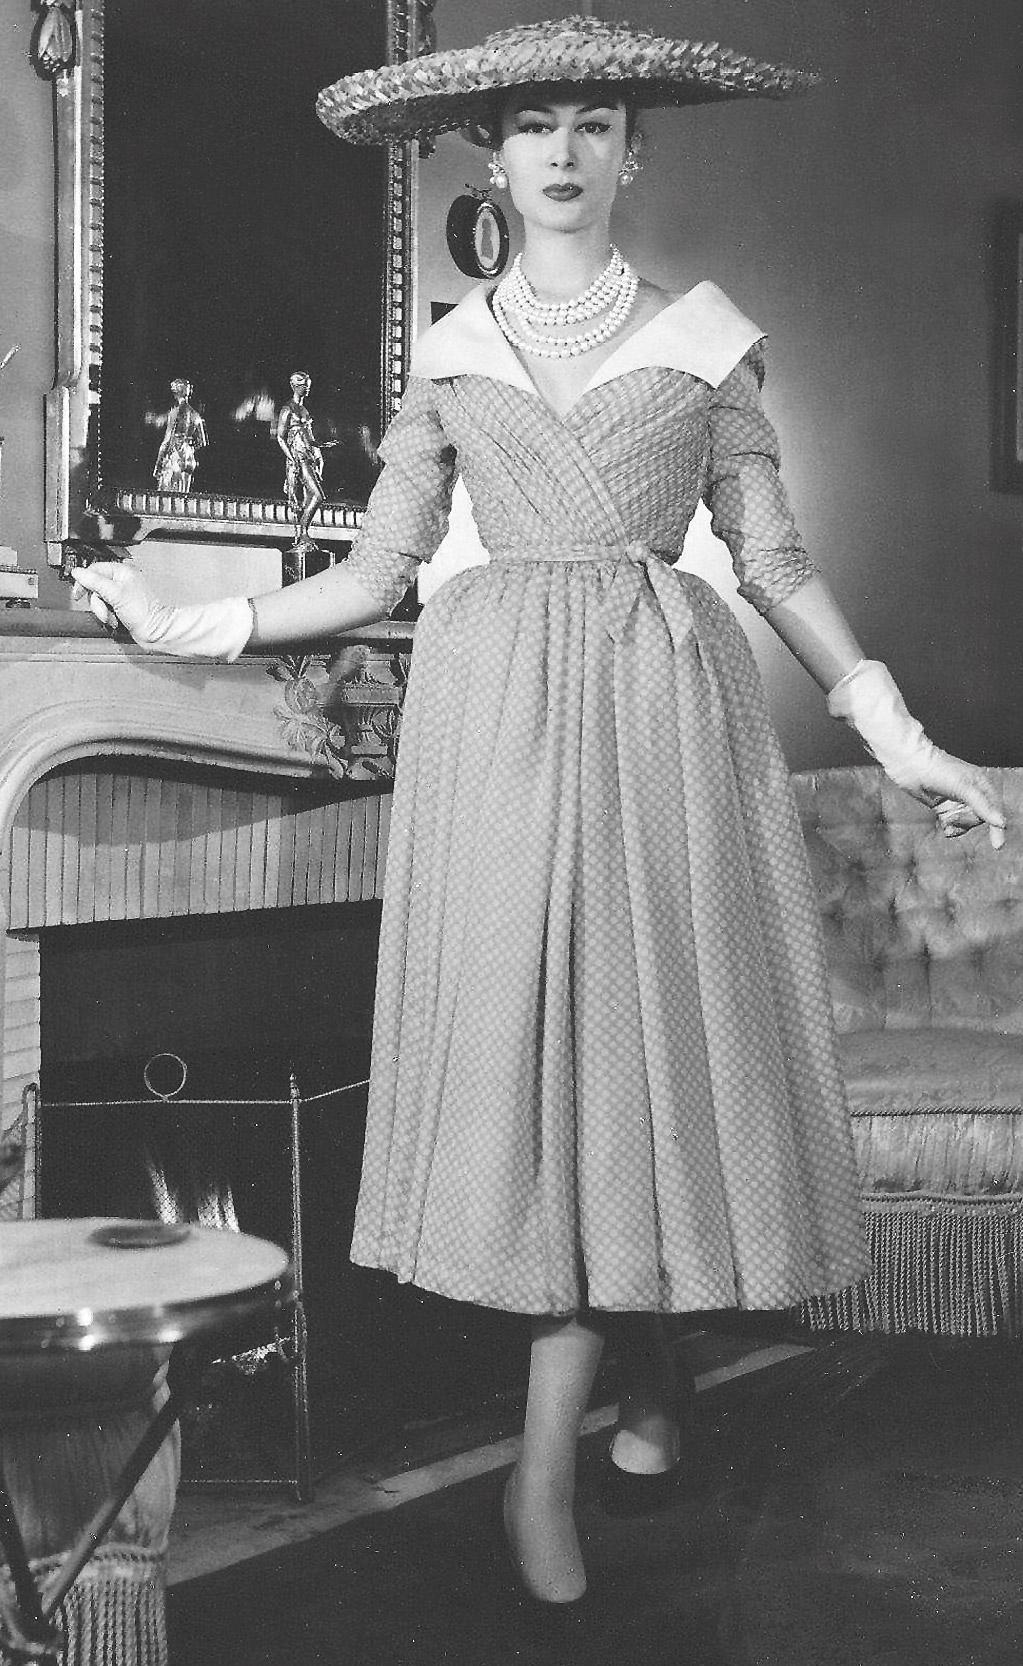 JACQUES FATH Sommer 1952, Mousseline-Kleid mit weißem Linon-Kragen